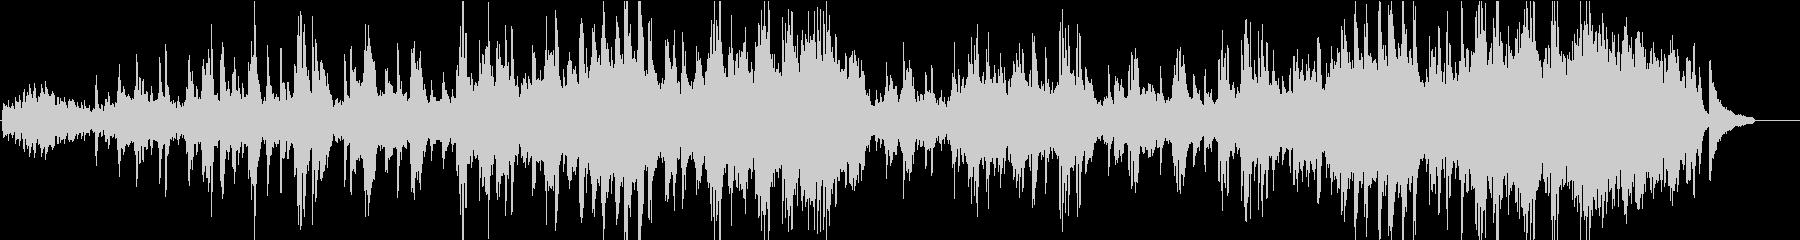 ピアニストが弾く人気曲「アヴェ・マリア」の未再生の波形